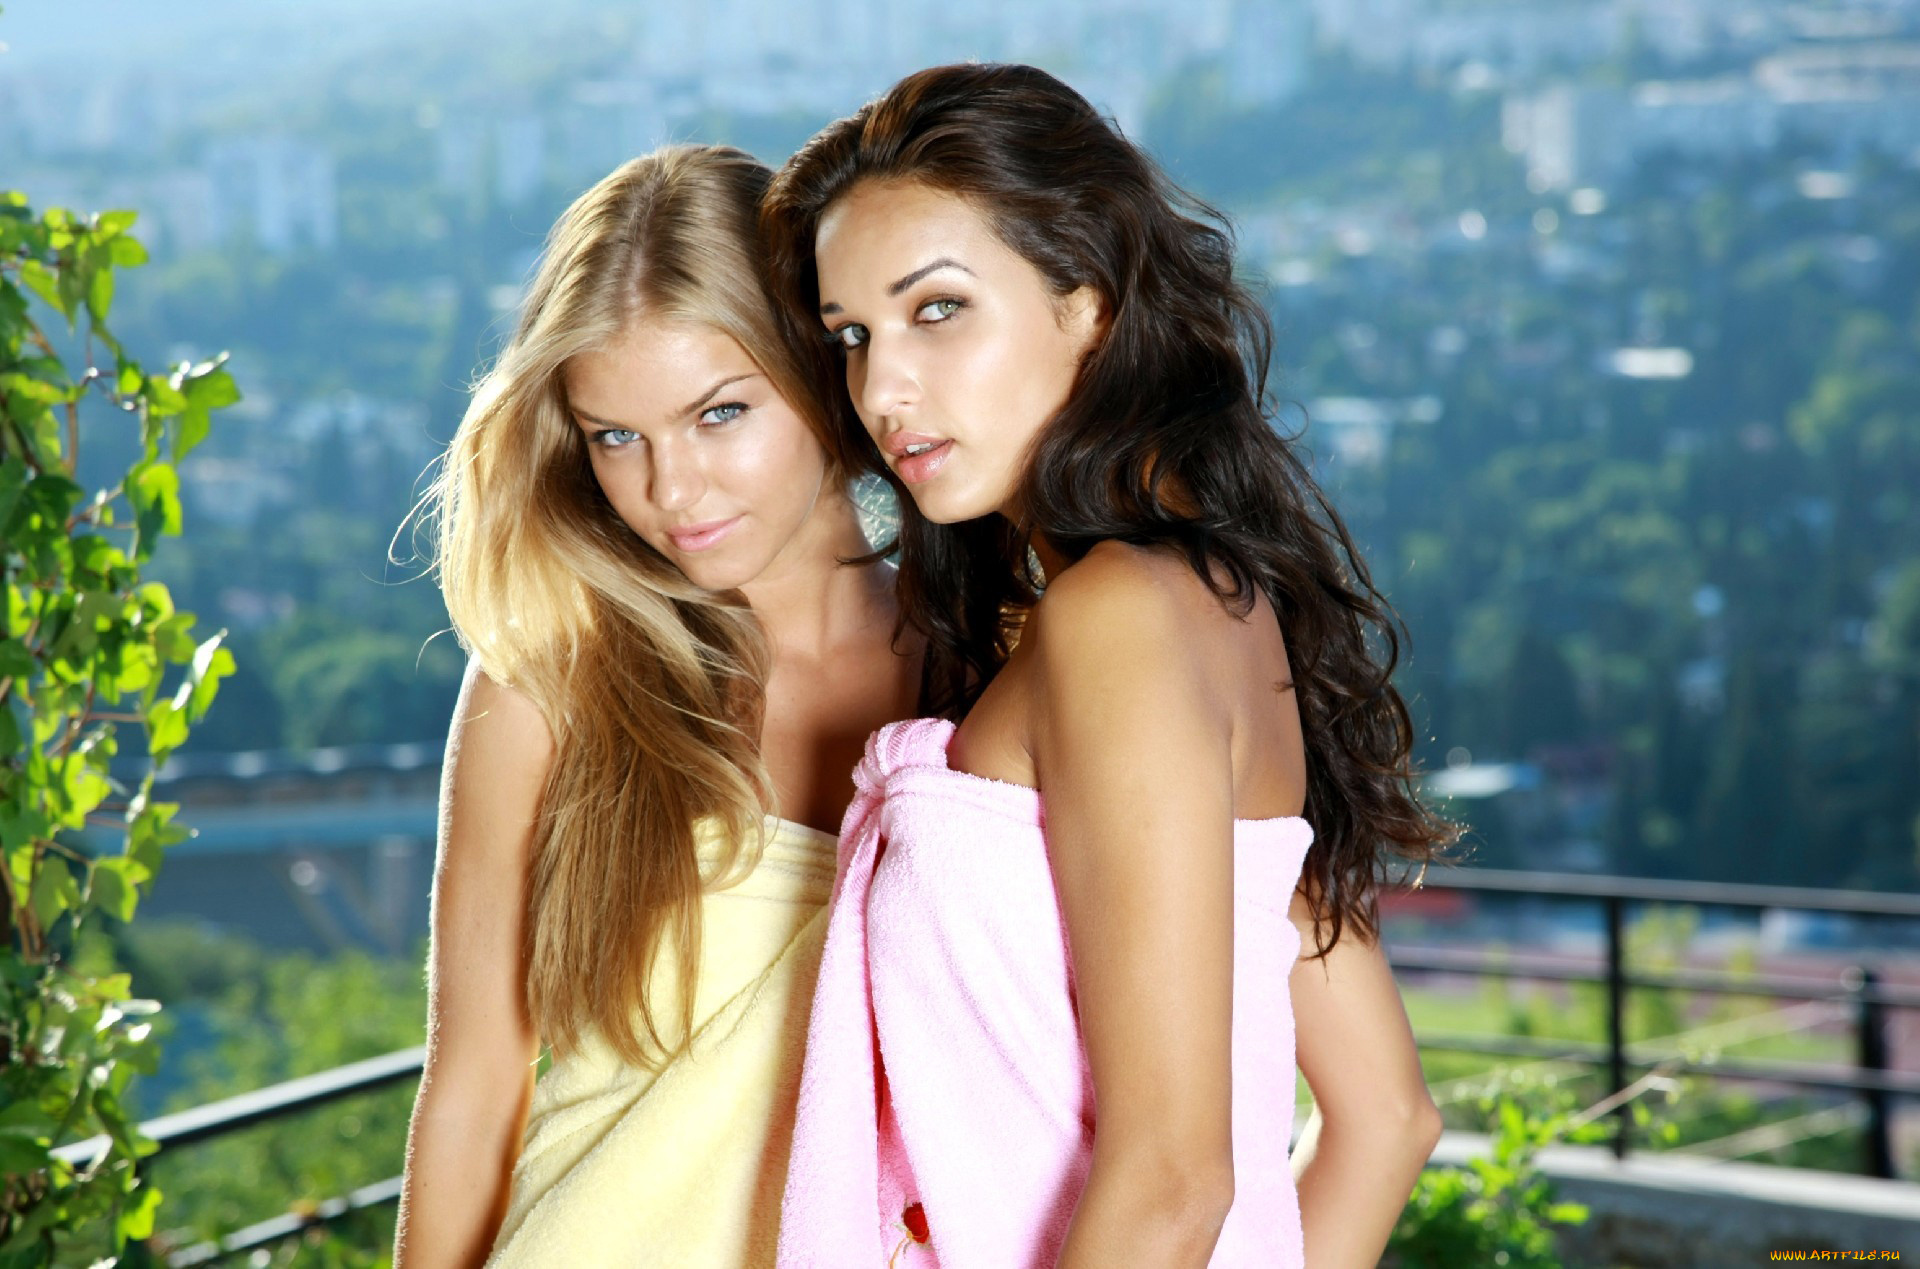 Картинка две девушки брюнетки